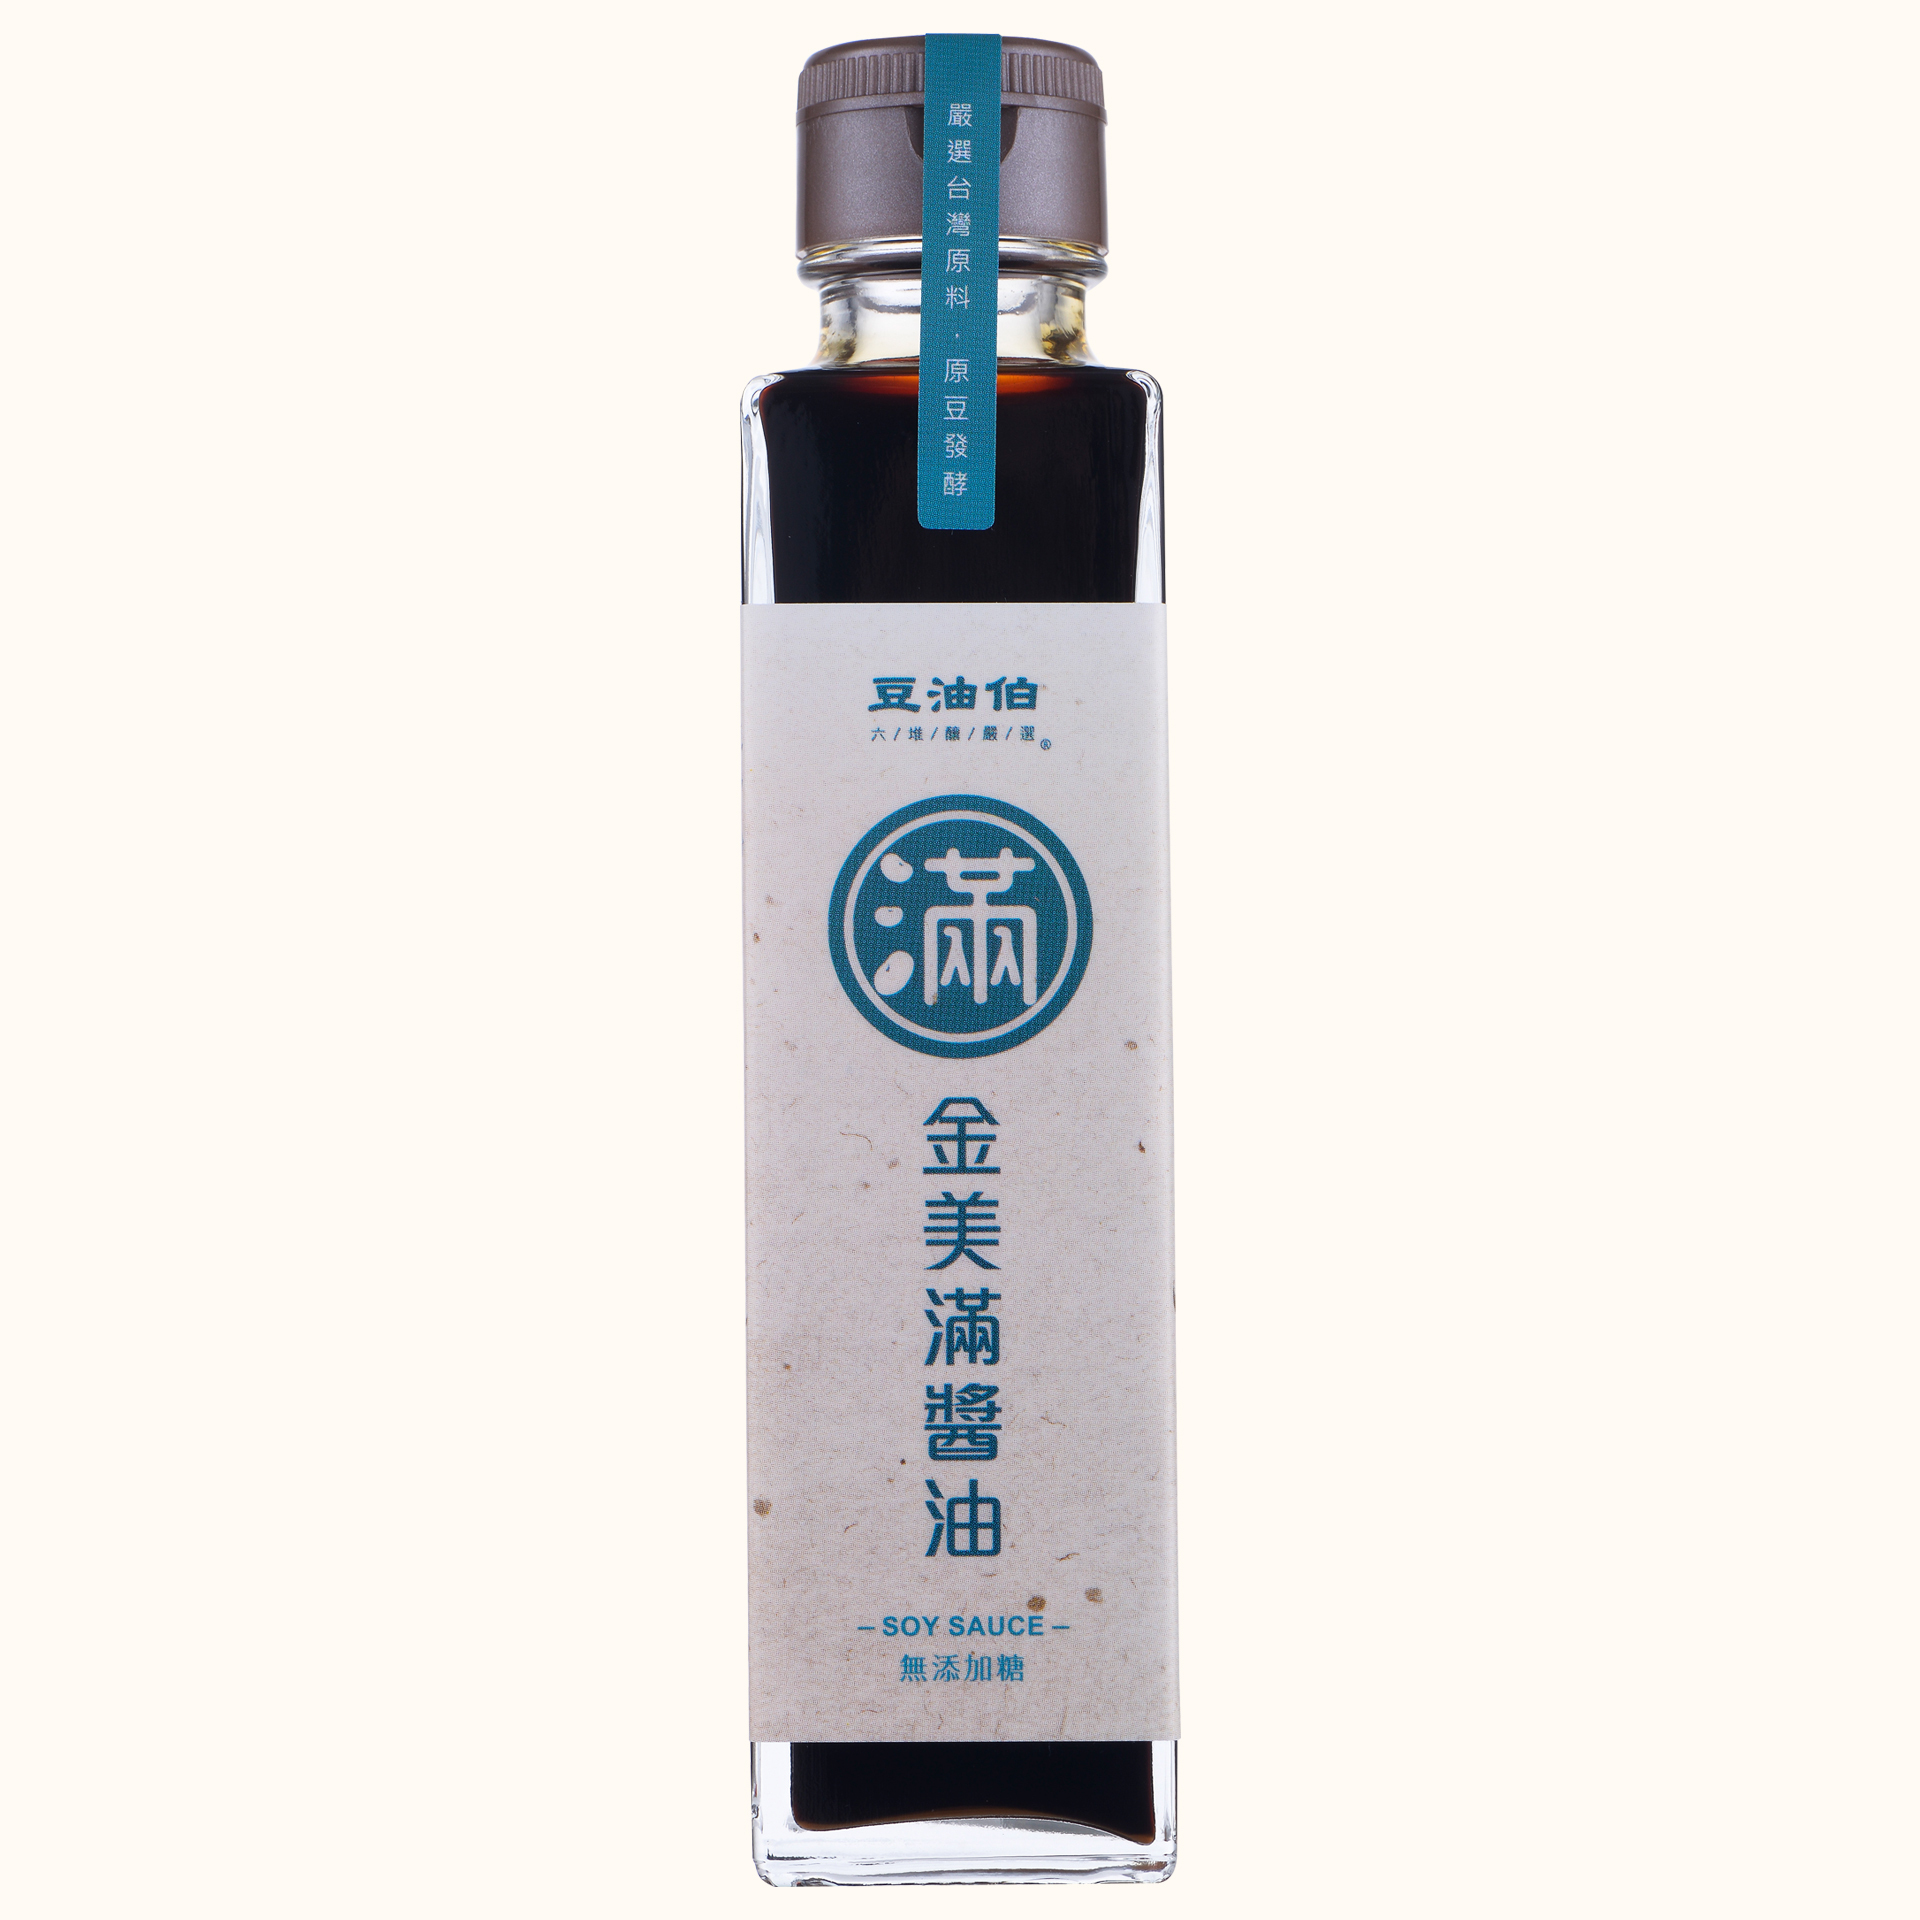 【短效品】金美滿無添加糖黃豆醬油日式瓶150ml(效期:20190315-20210314)